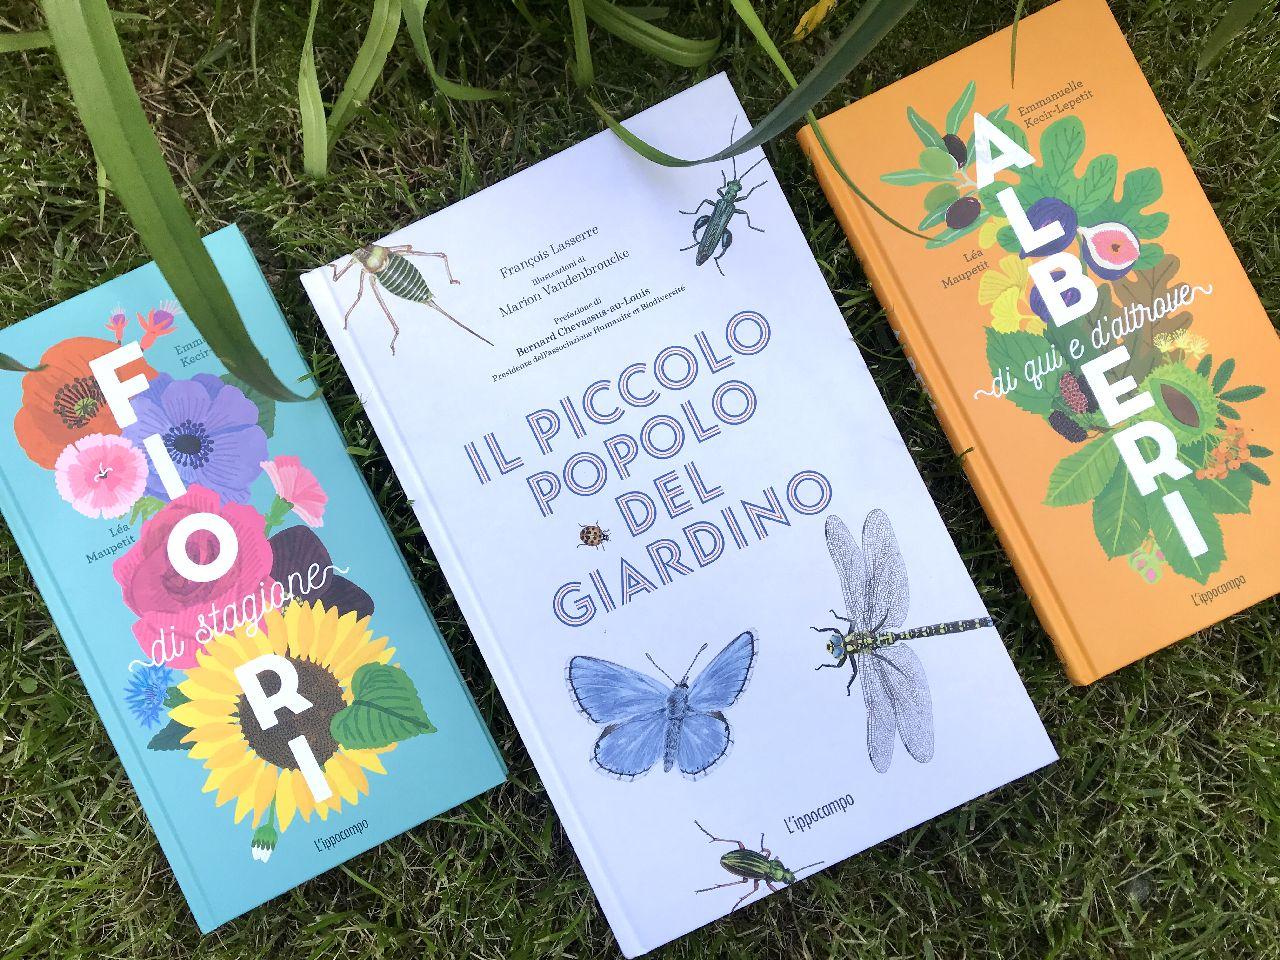 Tripudio in giardino - Scaffale Basso